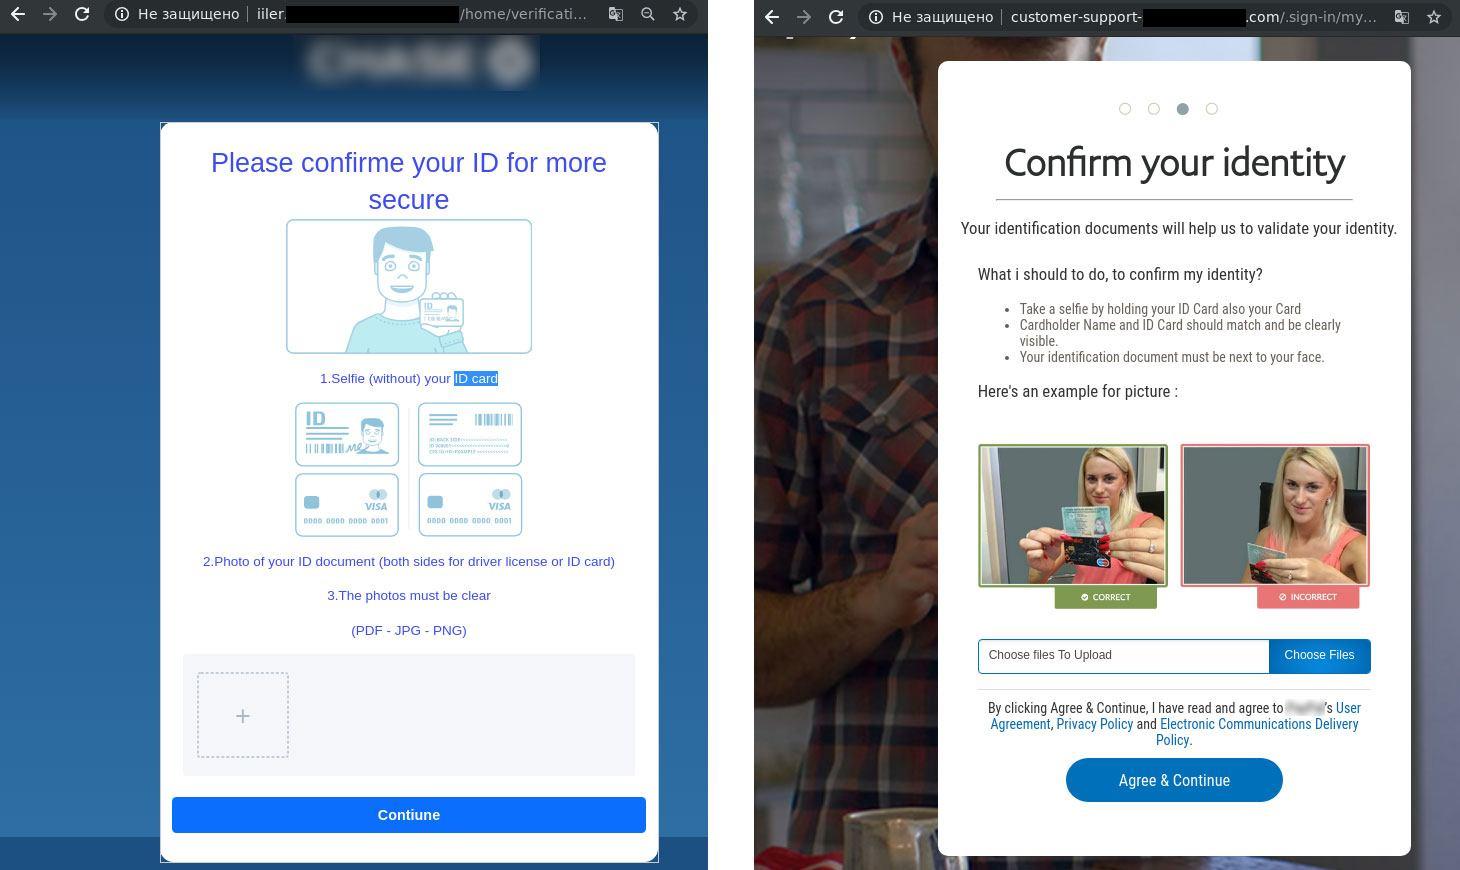 collegamento ID Card uscire con qualcuno con debito carta di credito